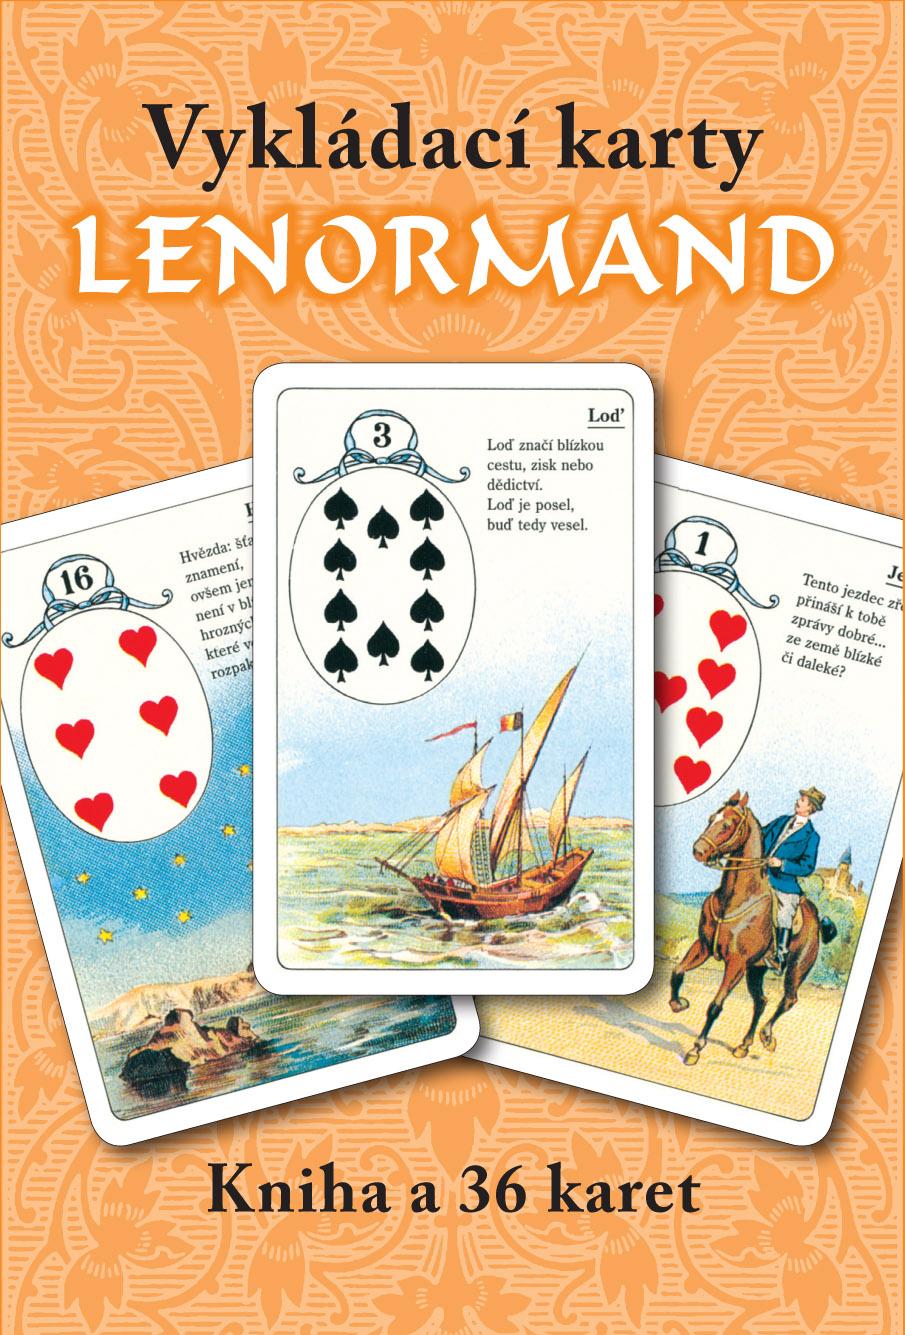 LENORMAND - vykladací karty